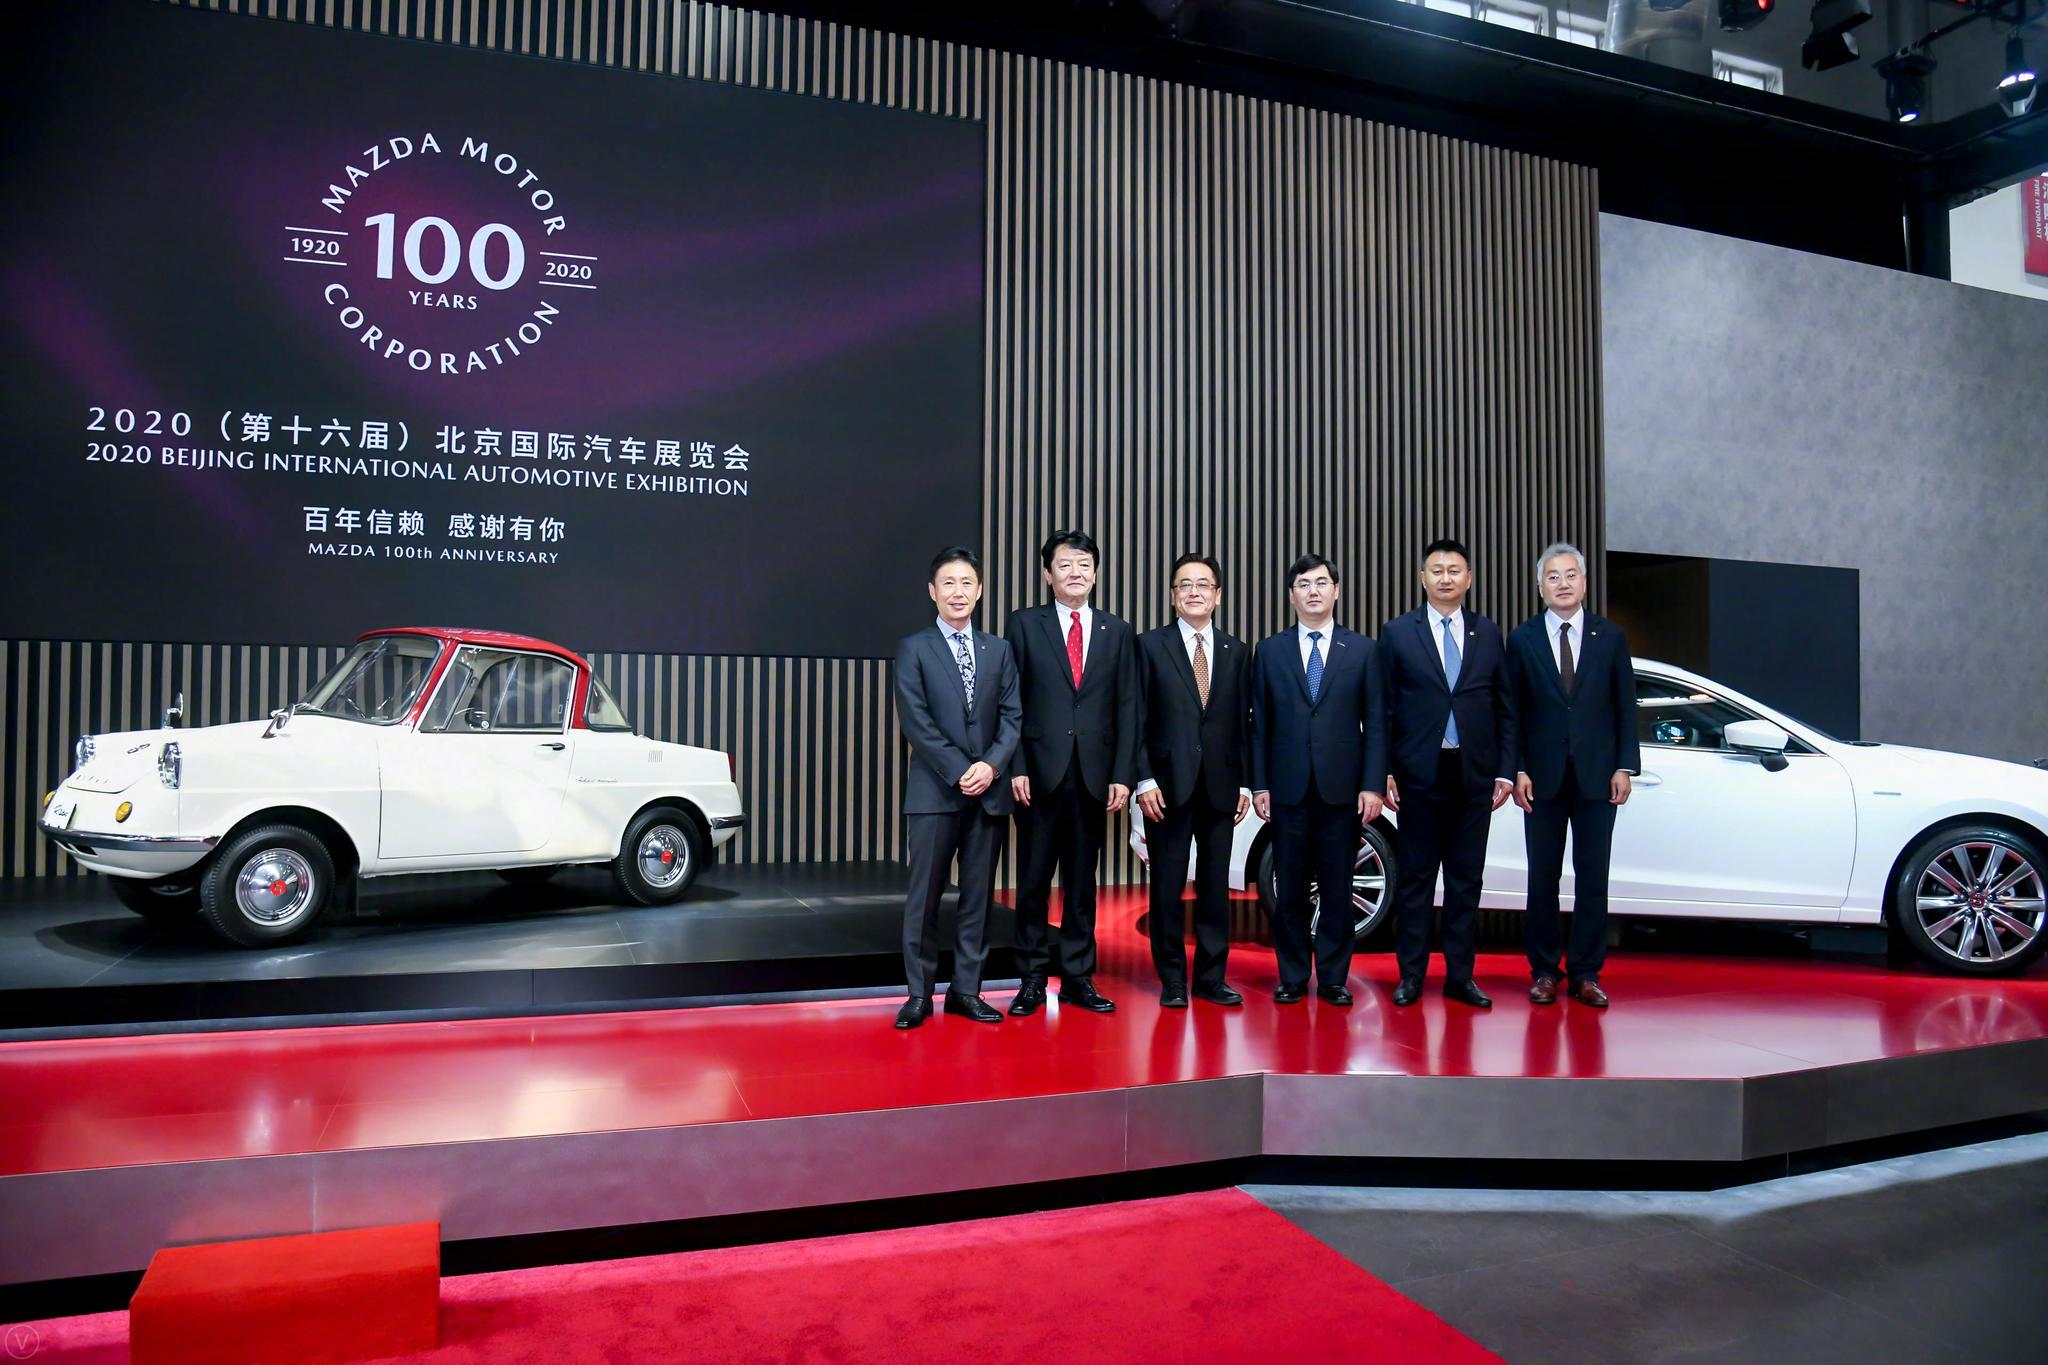 马自达100岁生日快乐!在  上,百年纪念特别版车型也上市啦